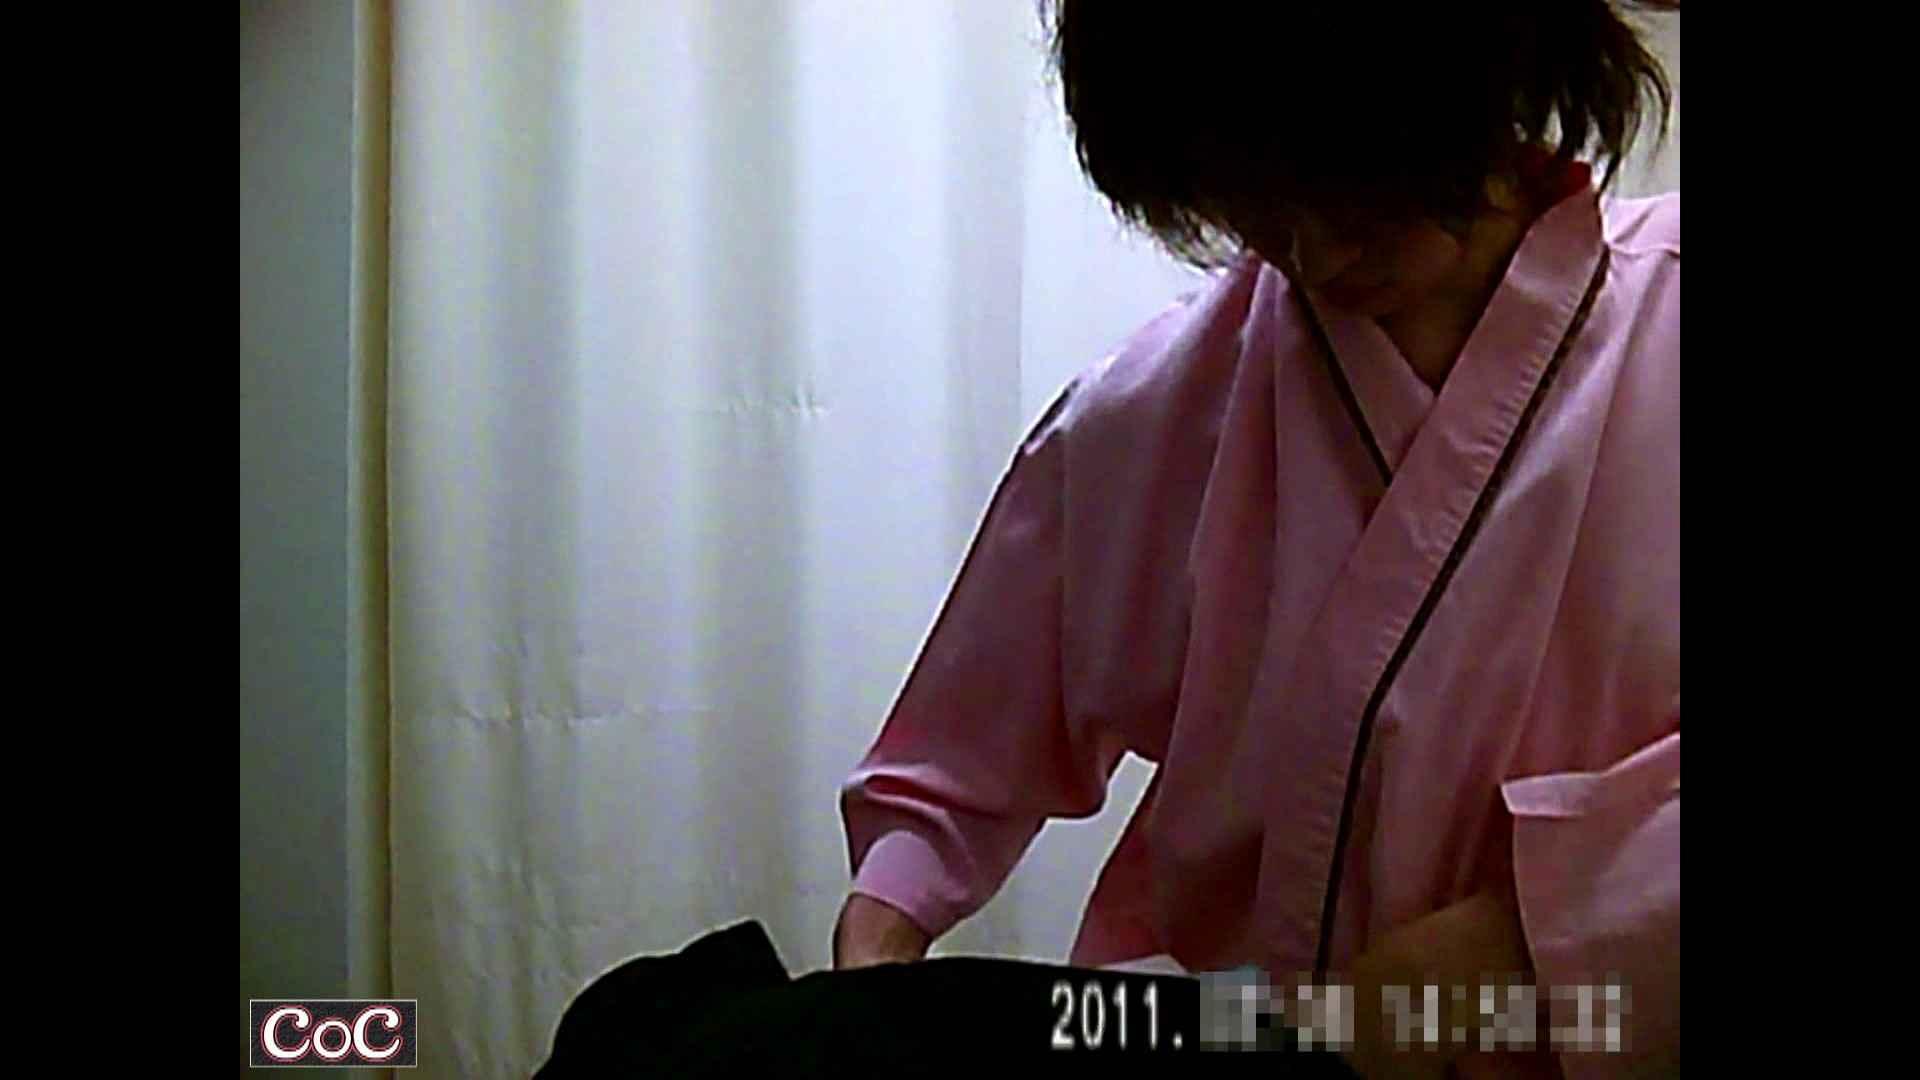 病院おもいっきり着替え! vol.12 貧乳 オマンコ無修正動画無料 43pic 6